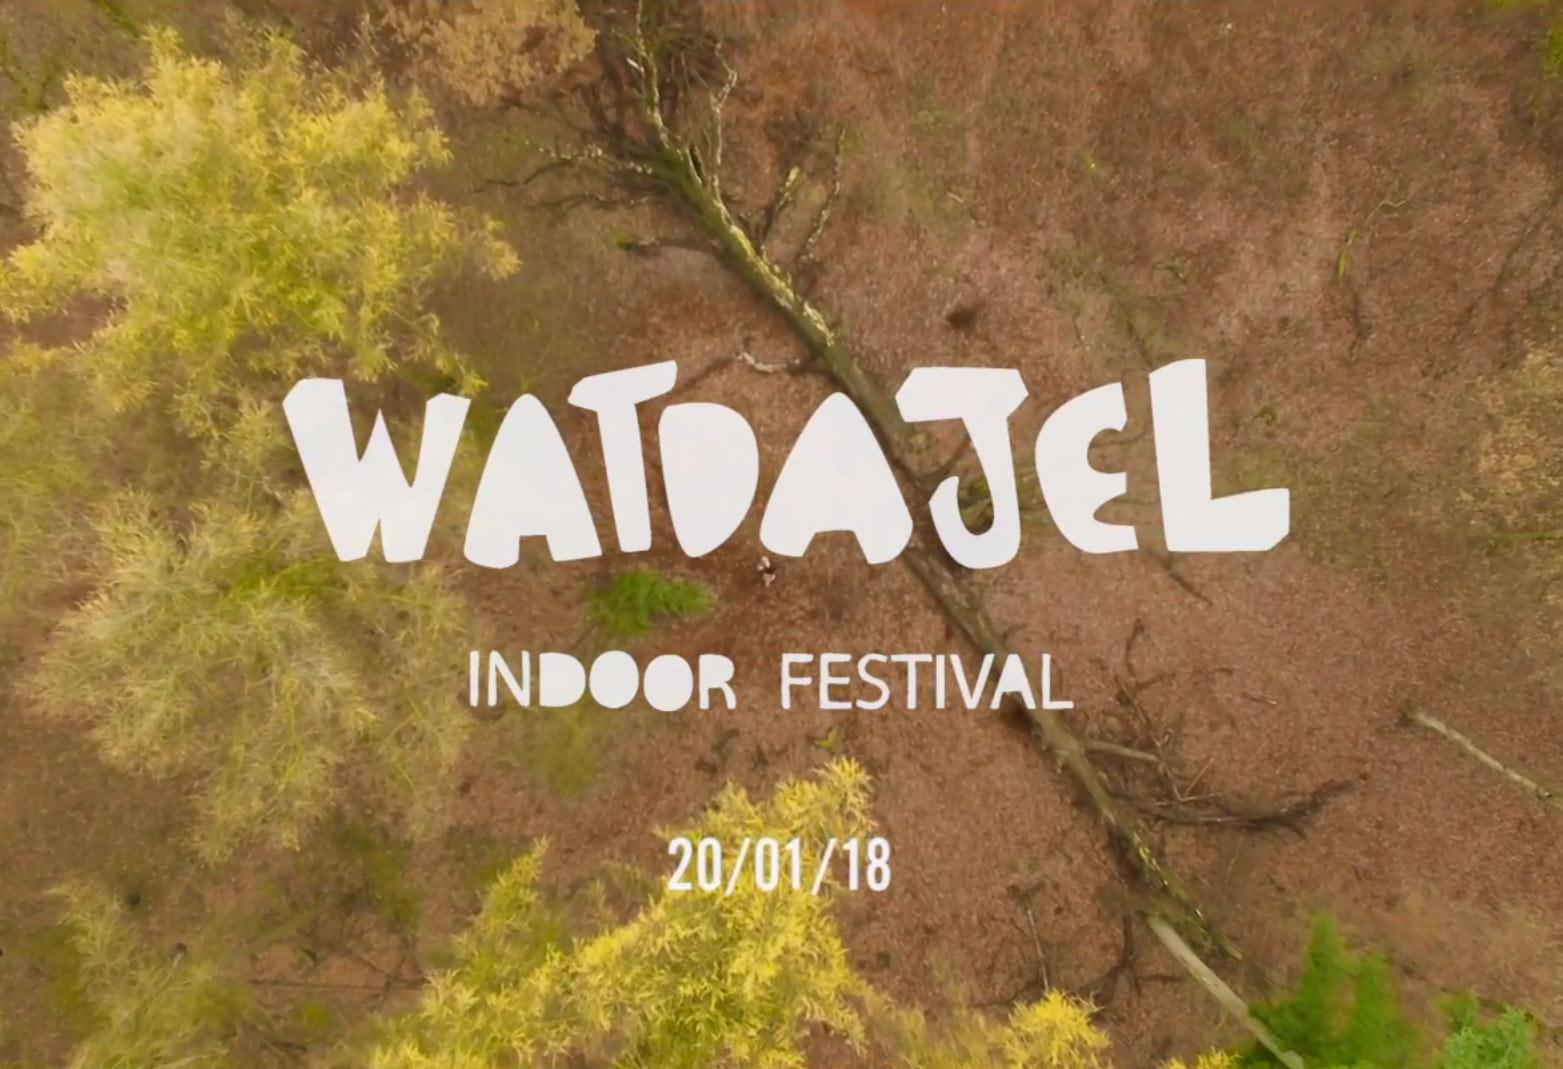 Een promotieshot van het Watdajel festival 2018